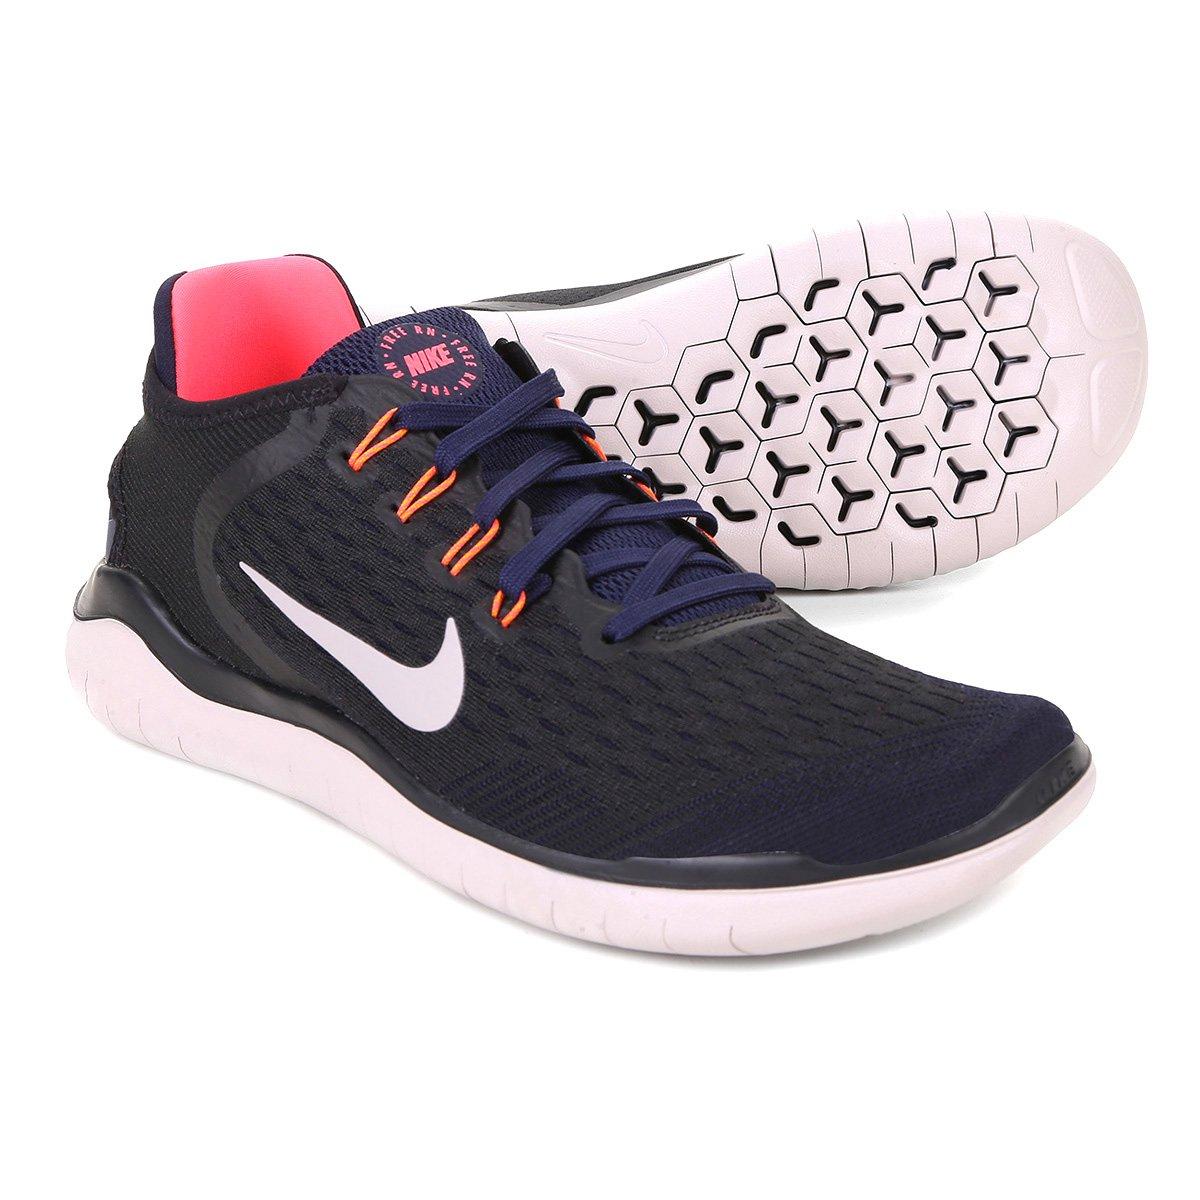 16109a4b78 Tênis Nike Free Rn 2018 Masculino - Preto e Azul - Compre Agora ...